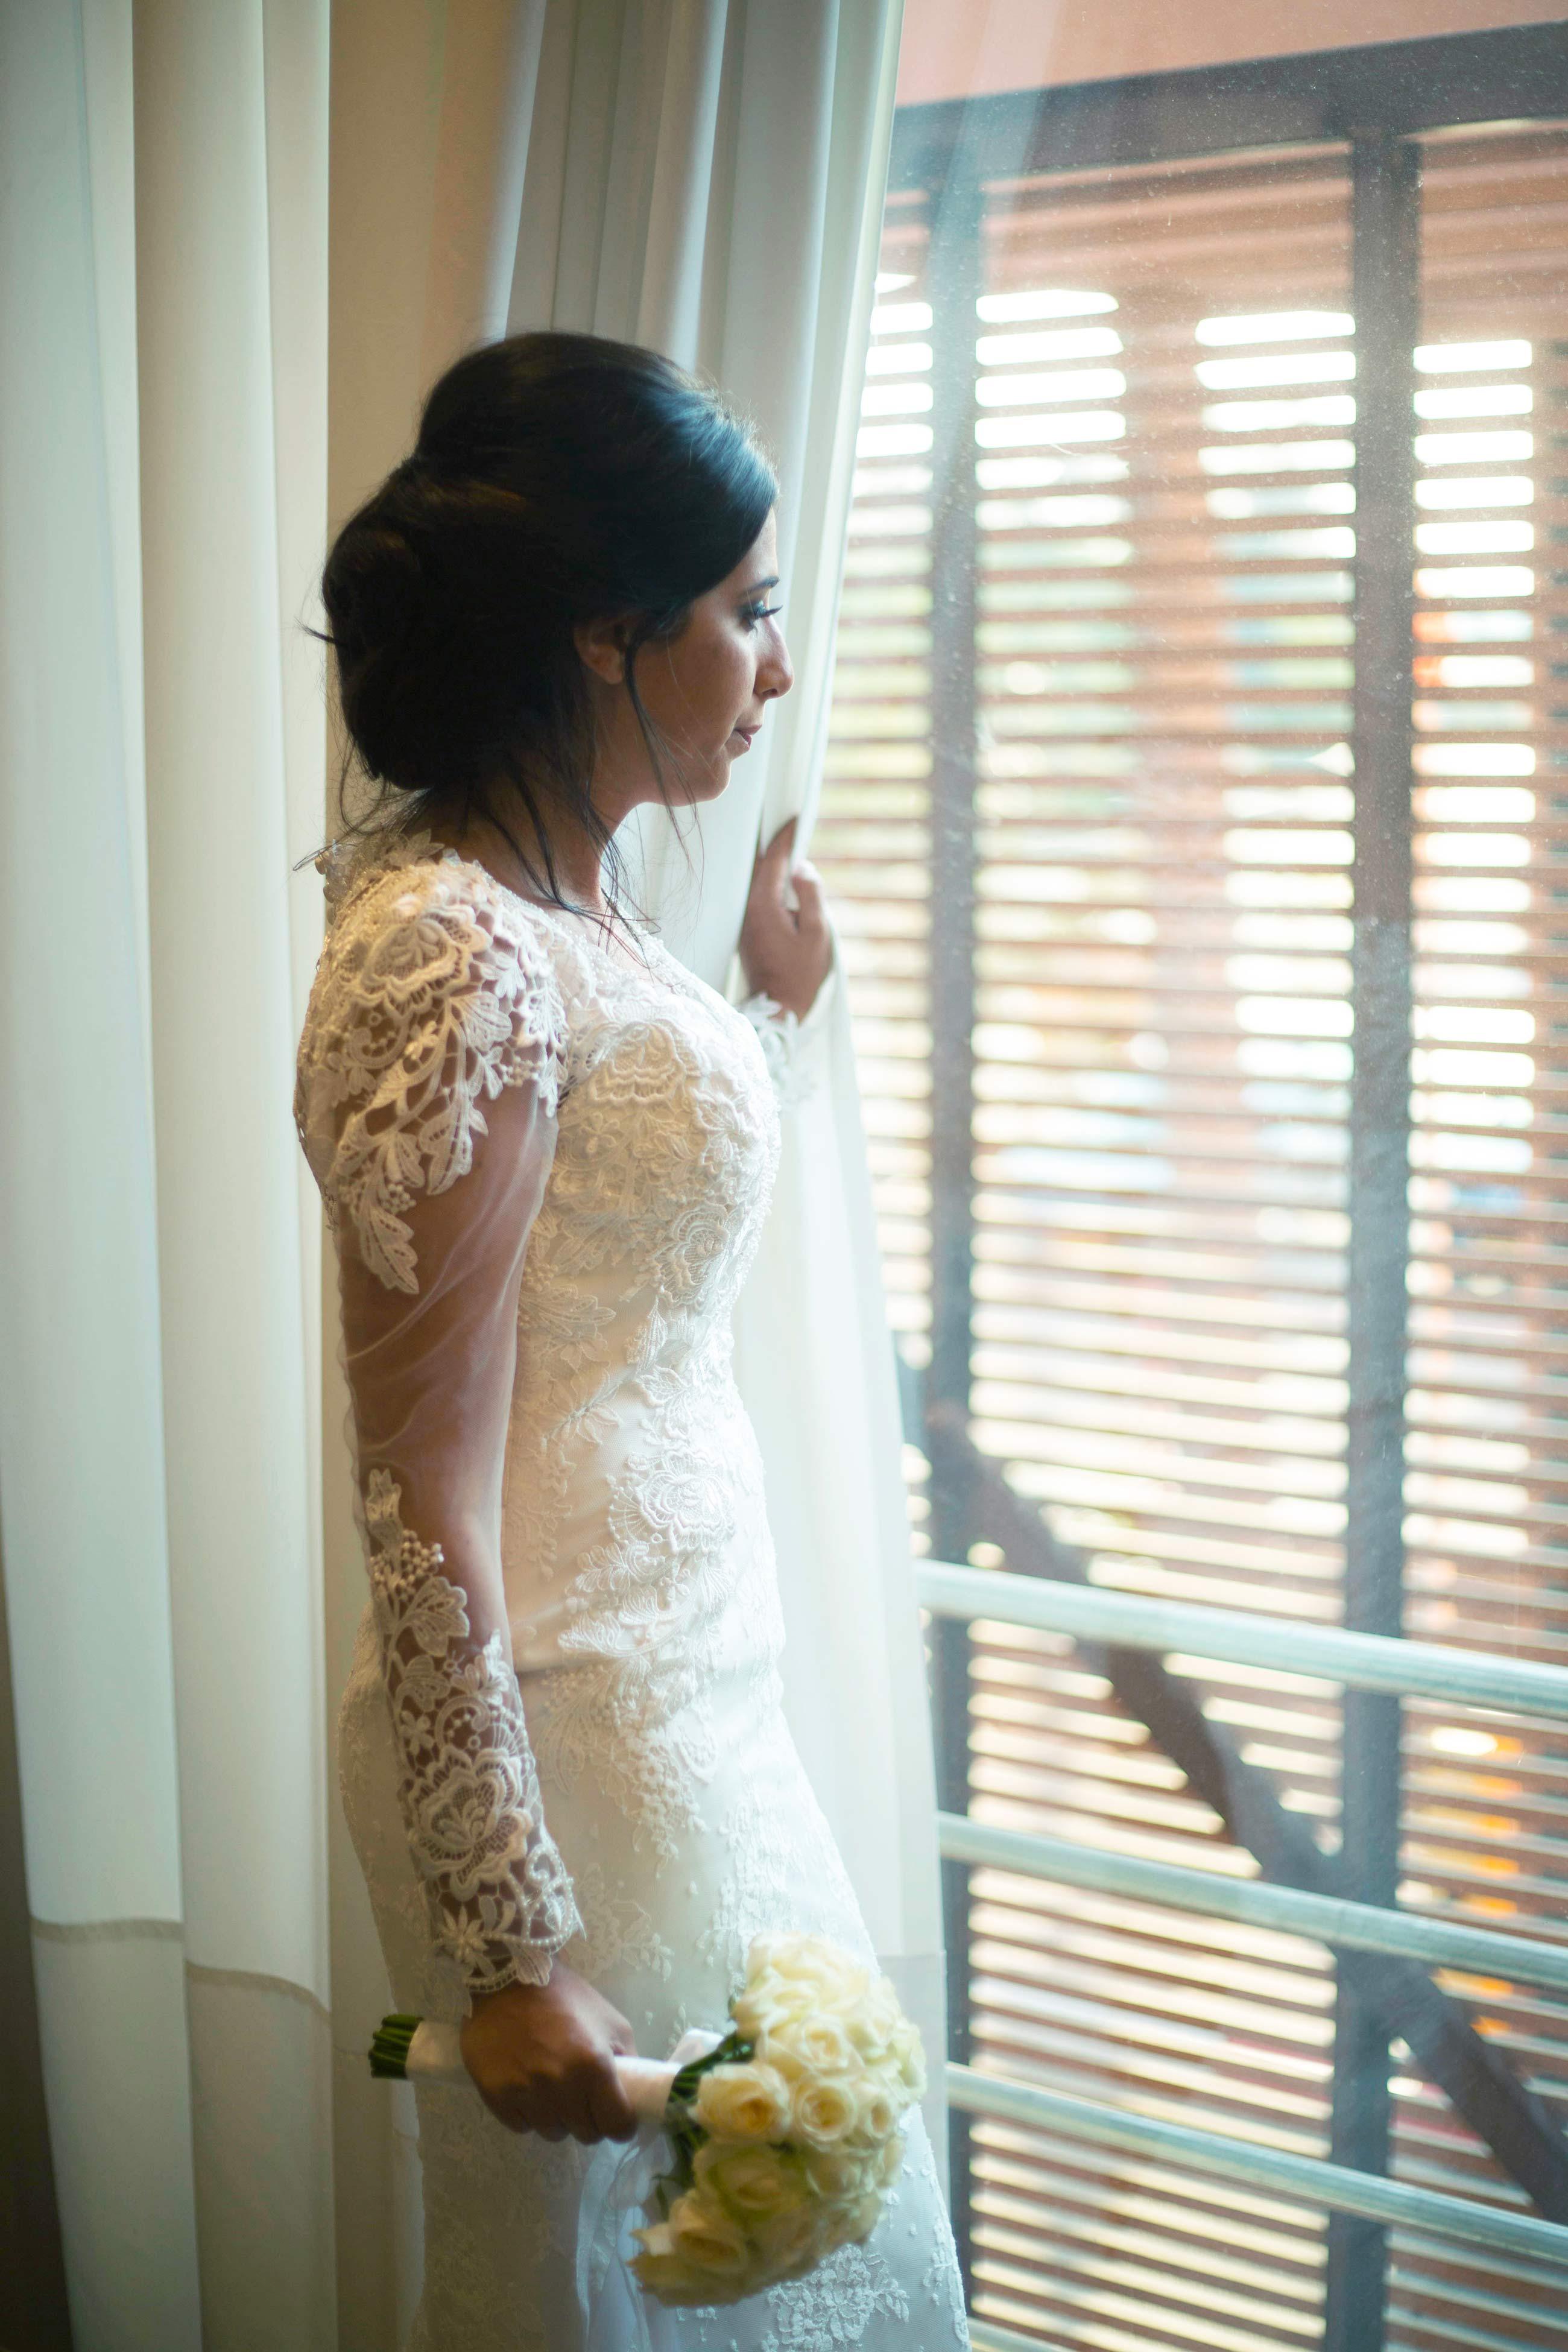 lea-jeremie-mariage-tel-aviv-israel-photographe-paris-video37